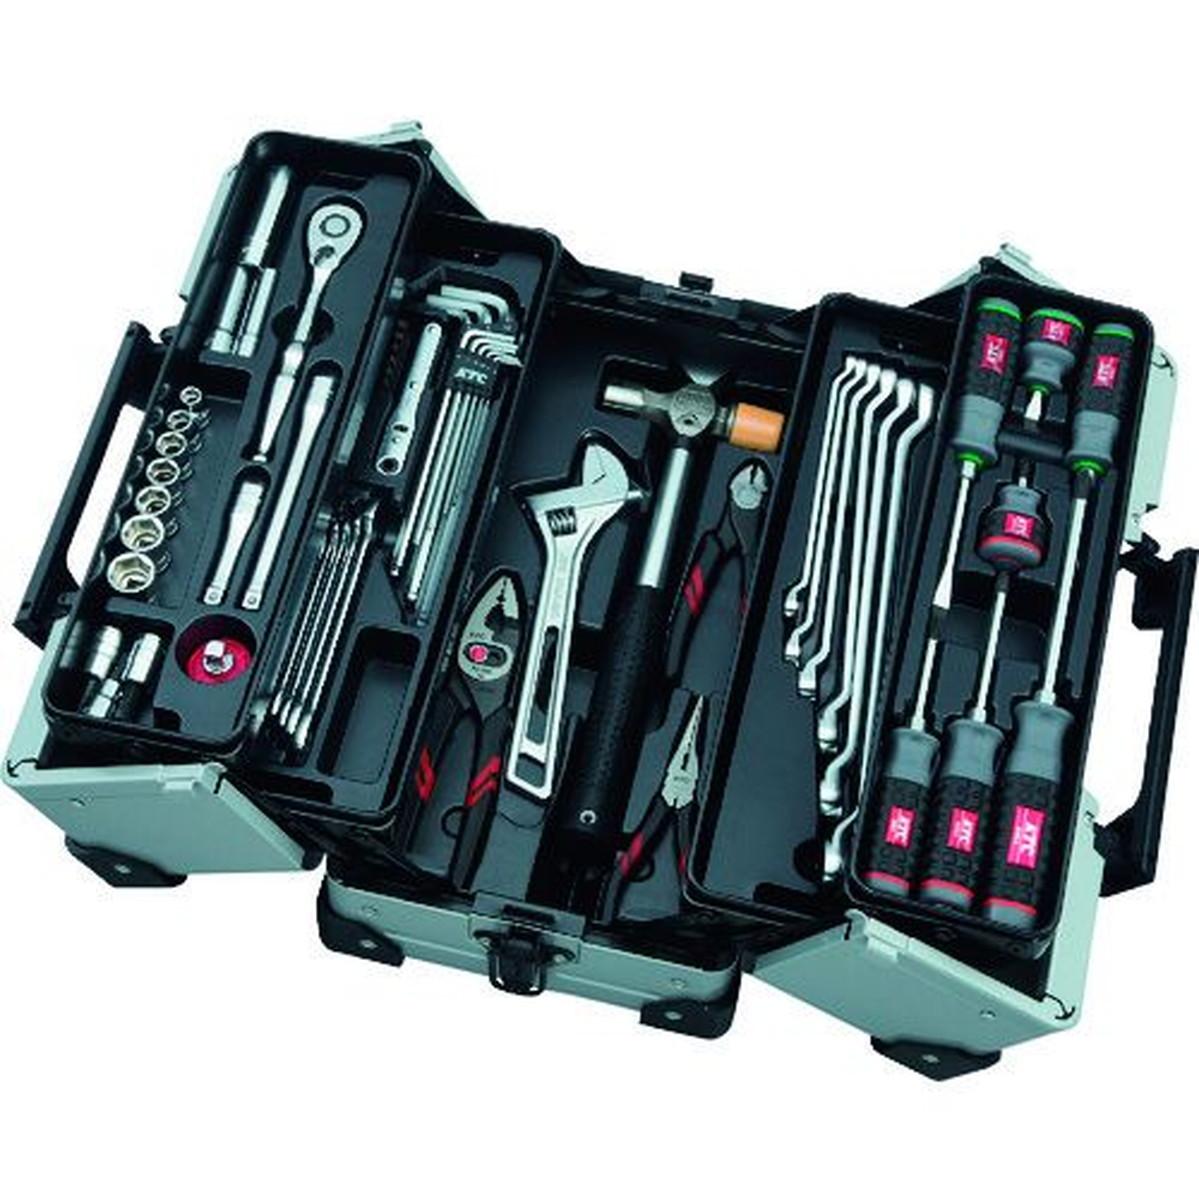 安い割引 KTC 工具セット 9.5sq.両開きメタルケース採用 工具セット 1S KTC 1S, 哲多町:3fdb5f47 --- annhanco.com